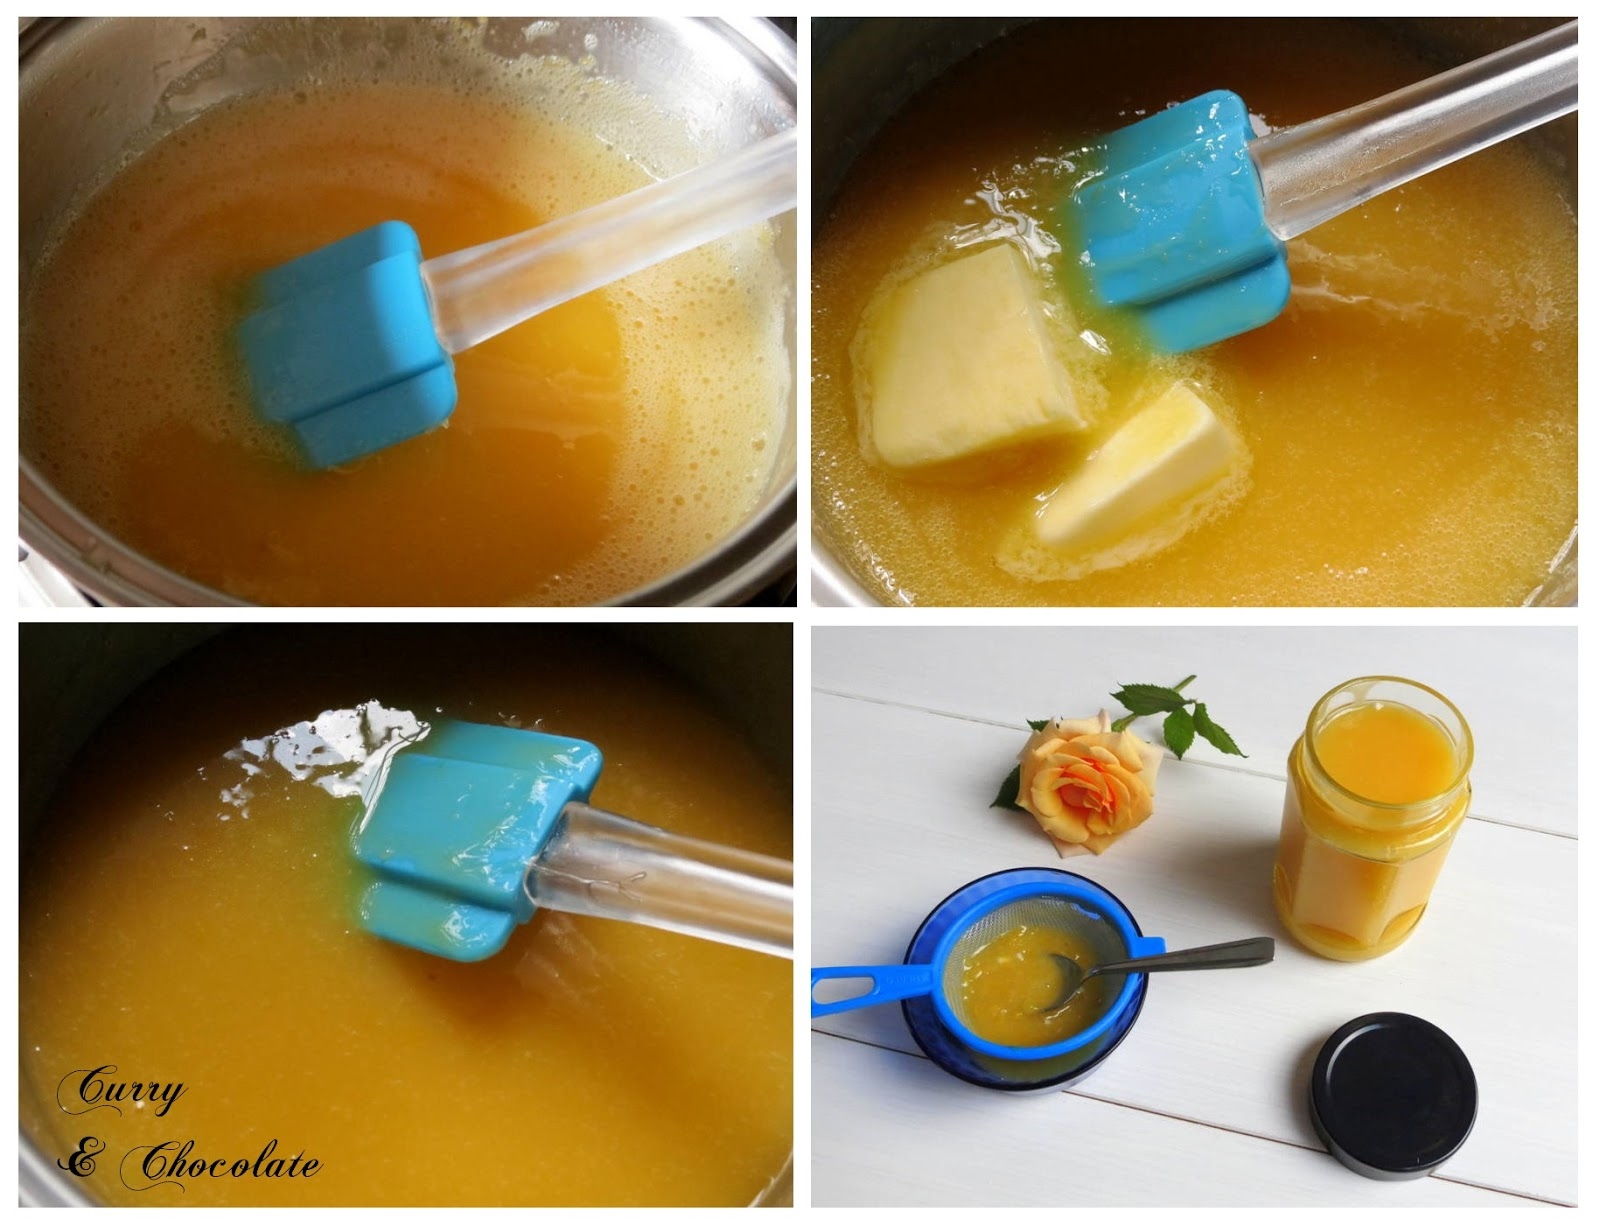 Lemon curd - preparación